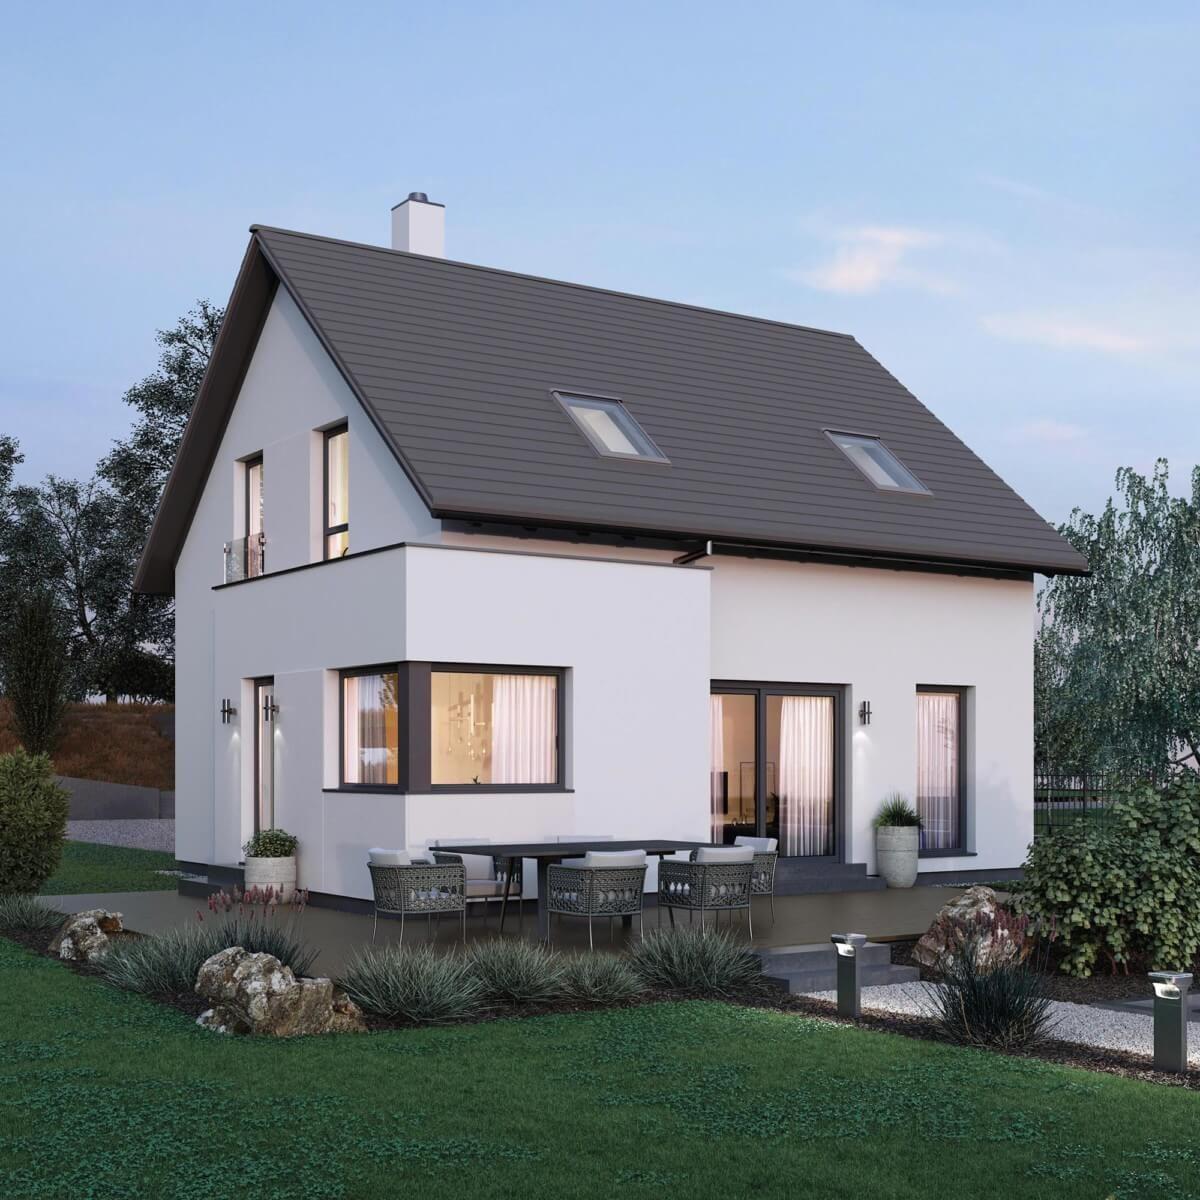 Kleines Einfamilienhaus Neubau modern mit Satteldach